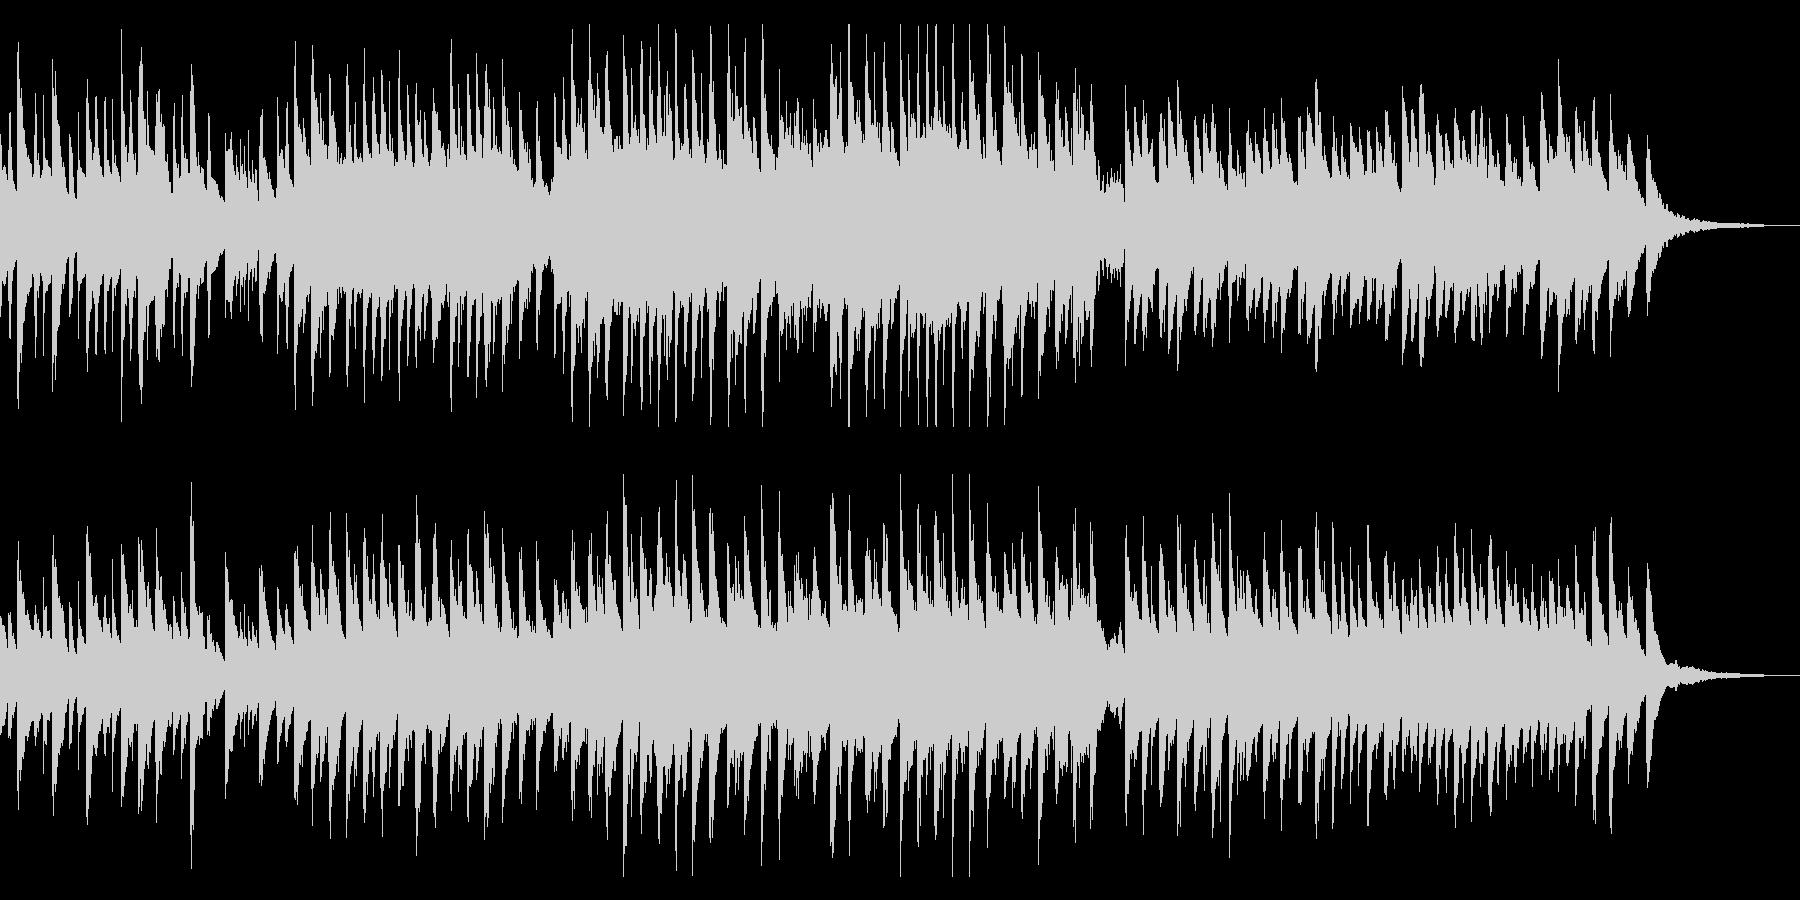 琴とピアノの穏やかな和風曲の未再生の波形